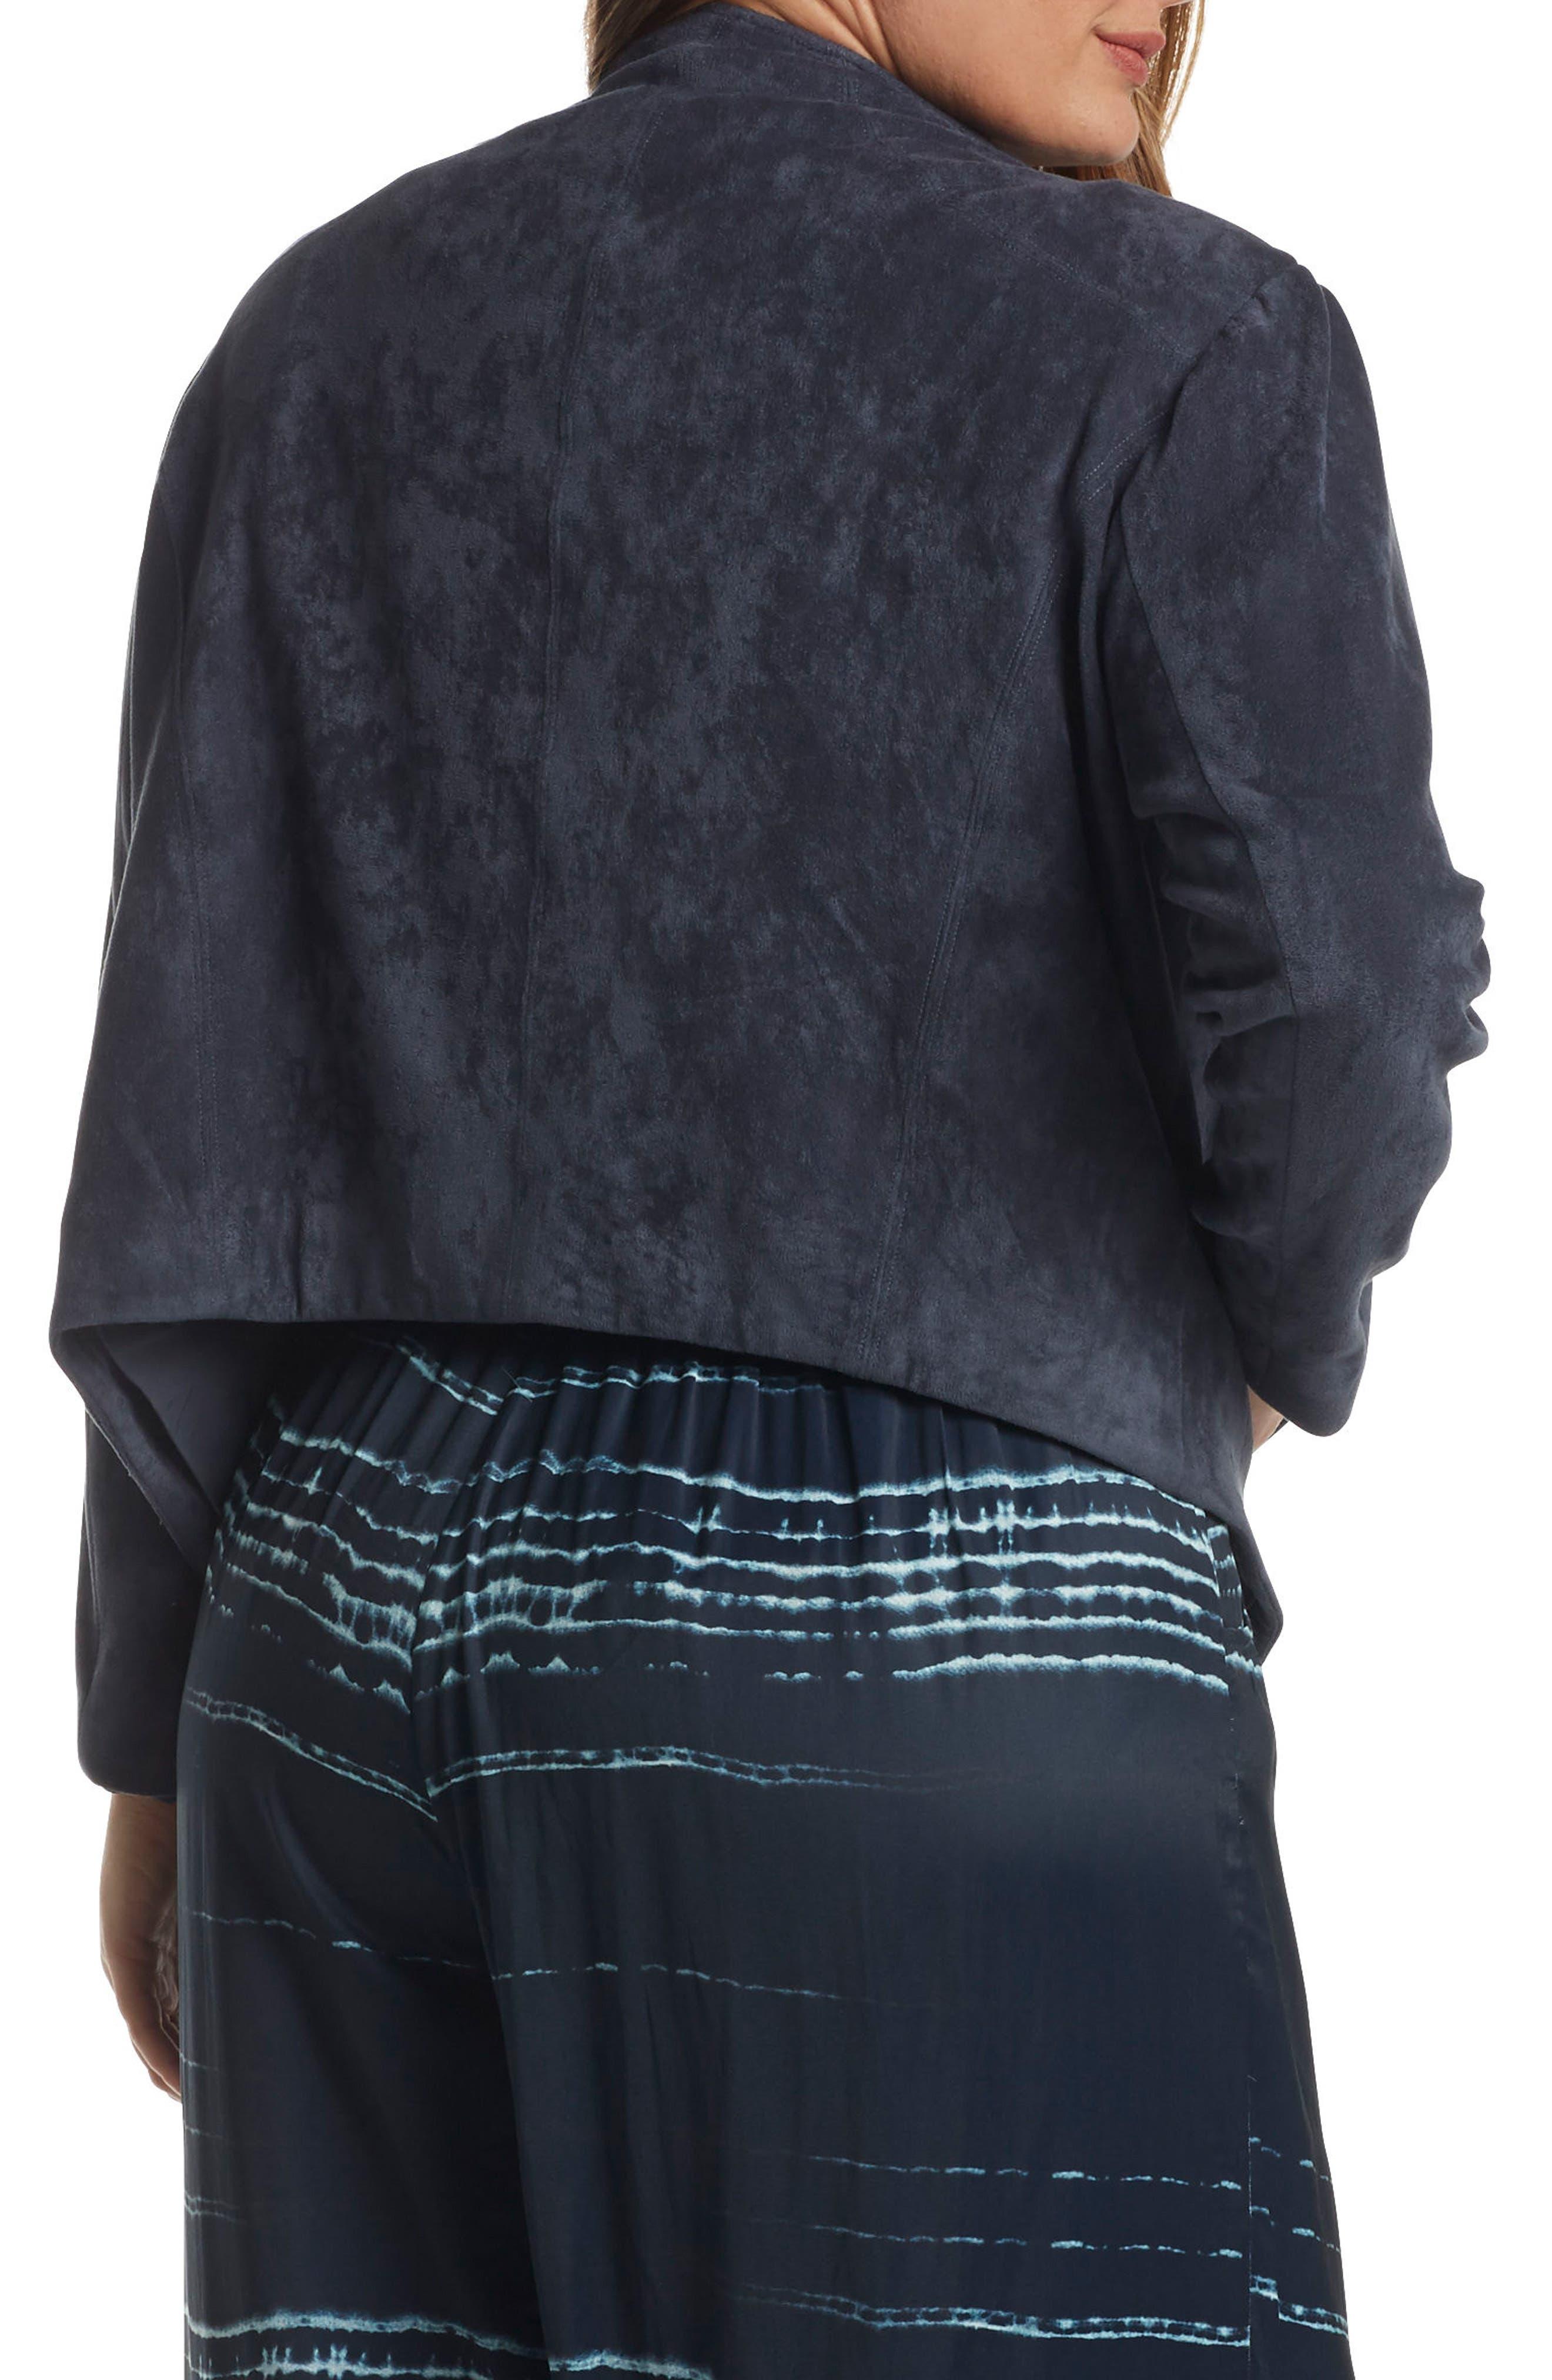 Alternate Image 2  - Tart Sybil Faux Suede Drape Front Jacket (Plus Size)